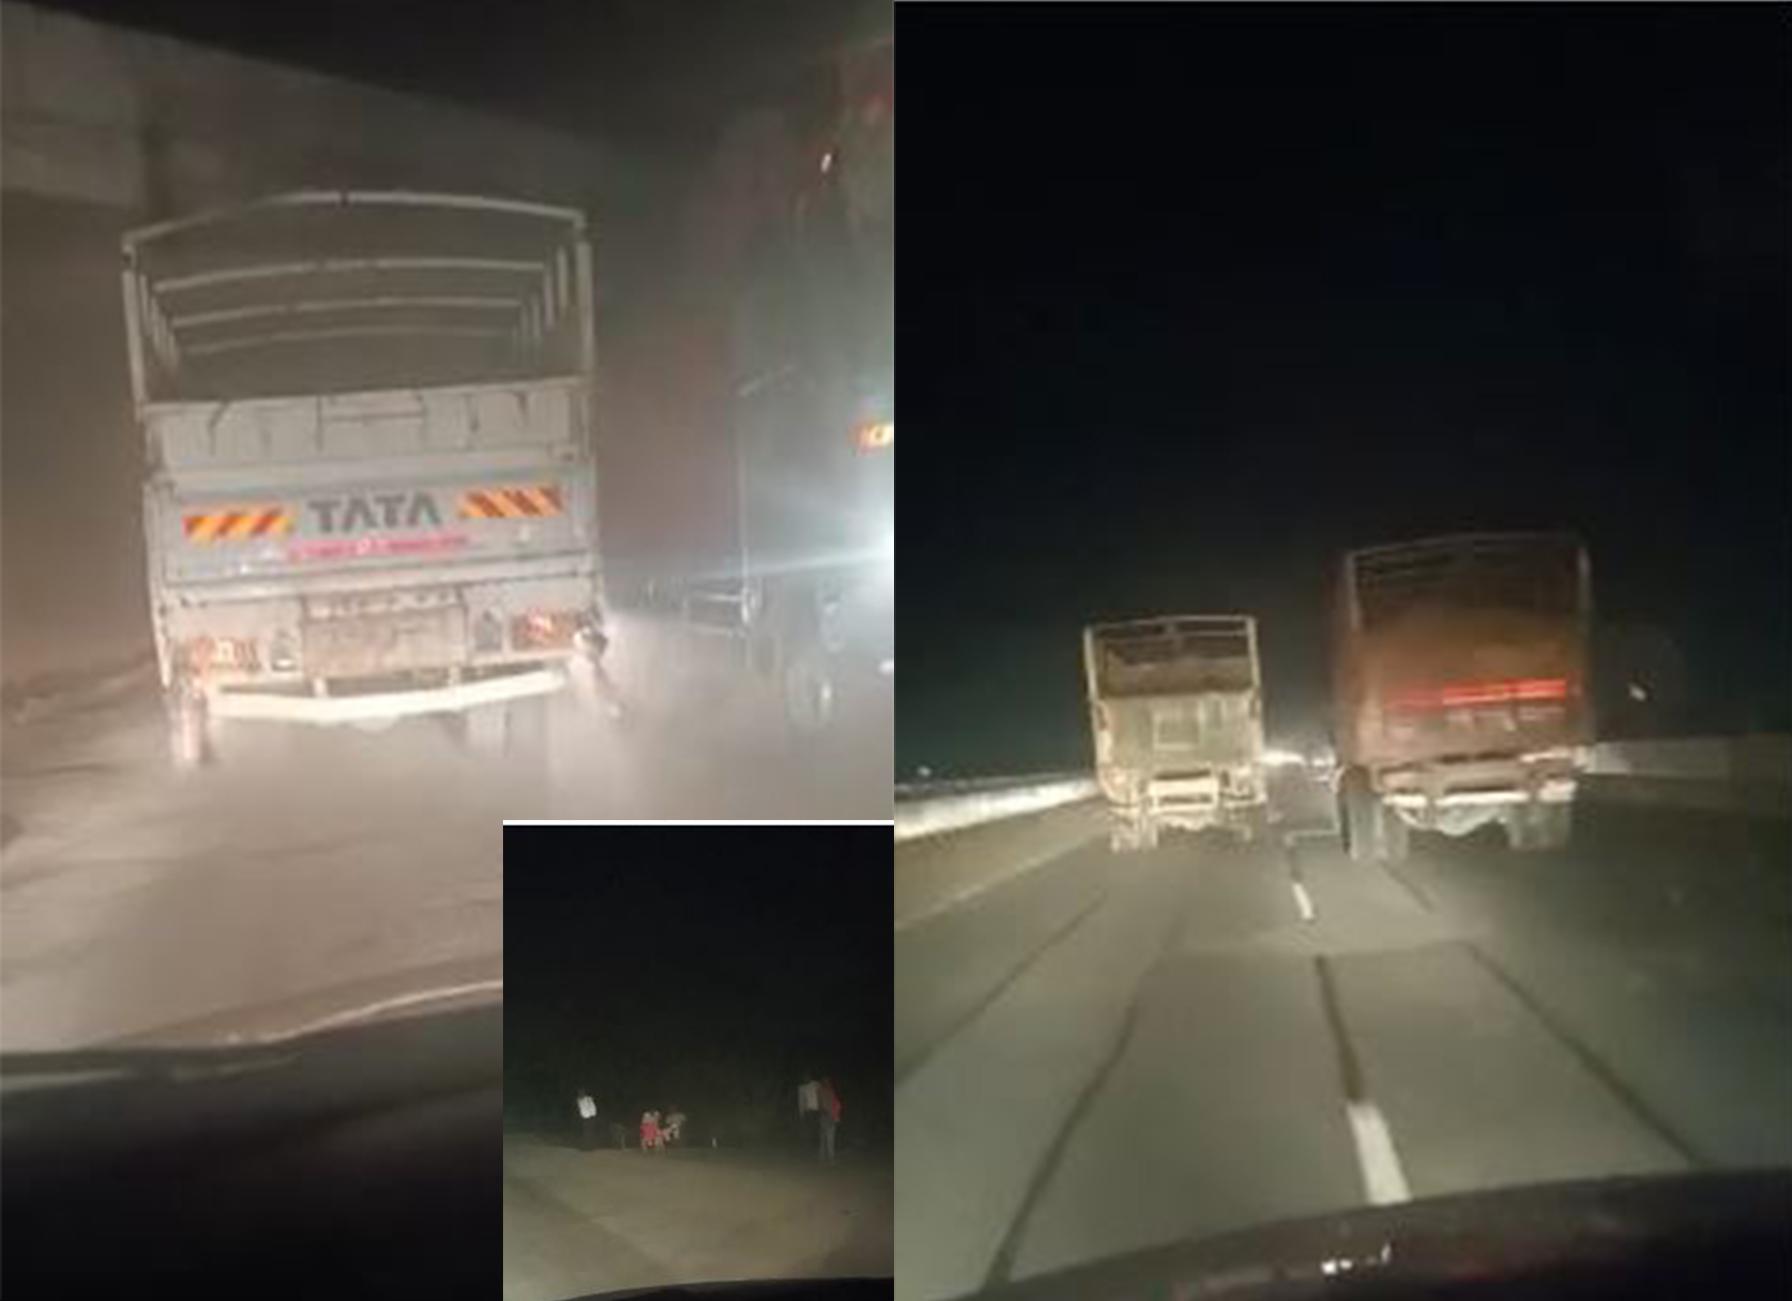 रोक लगने के बाद भी पुलिस की सांठ गांठ से पार हो रहे है बालू लोडेड ट्रक और ट्रैक्टर,देखे वीडियो